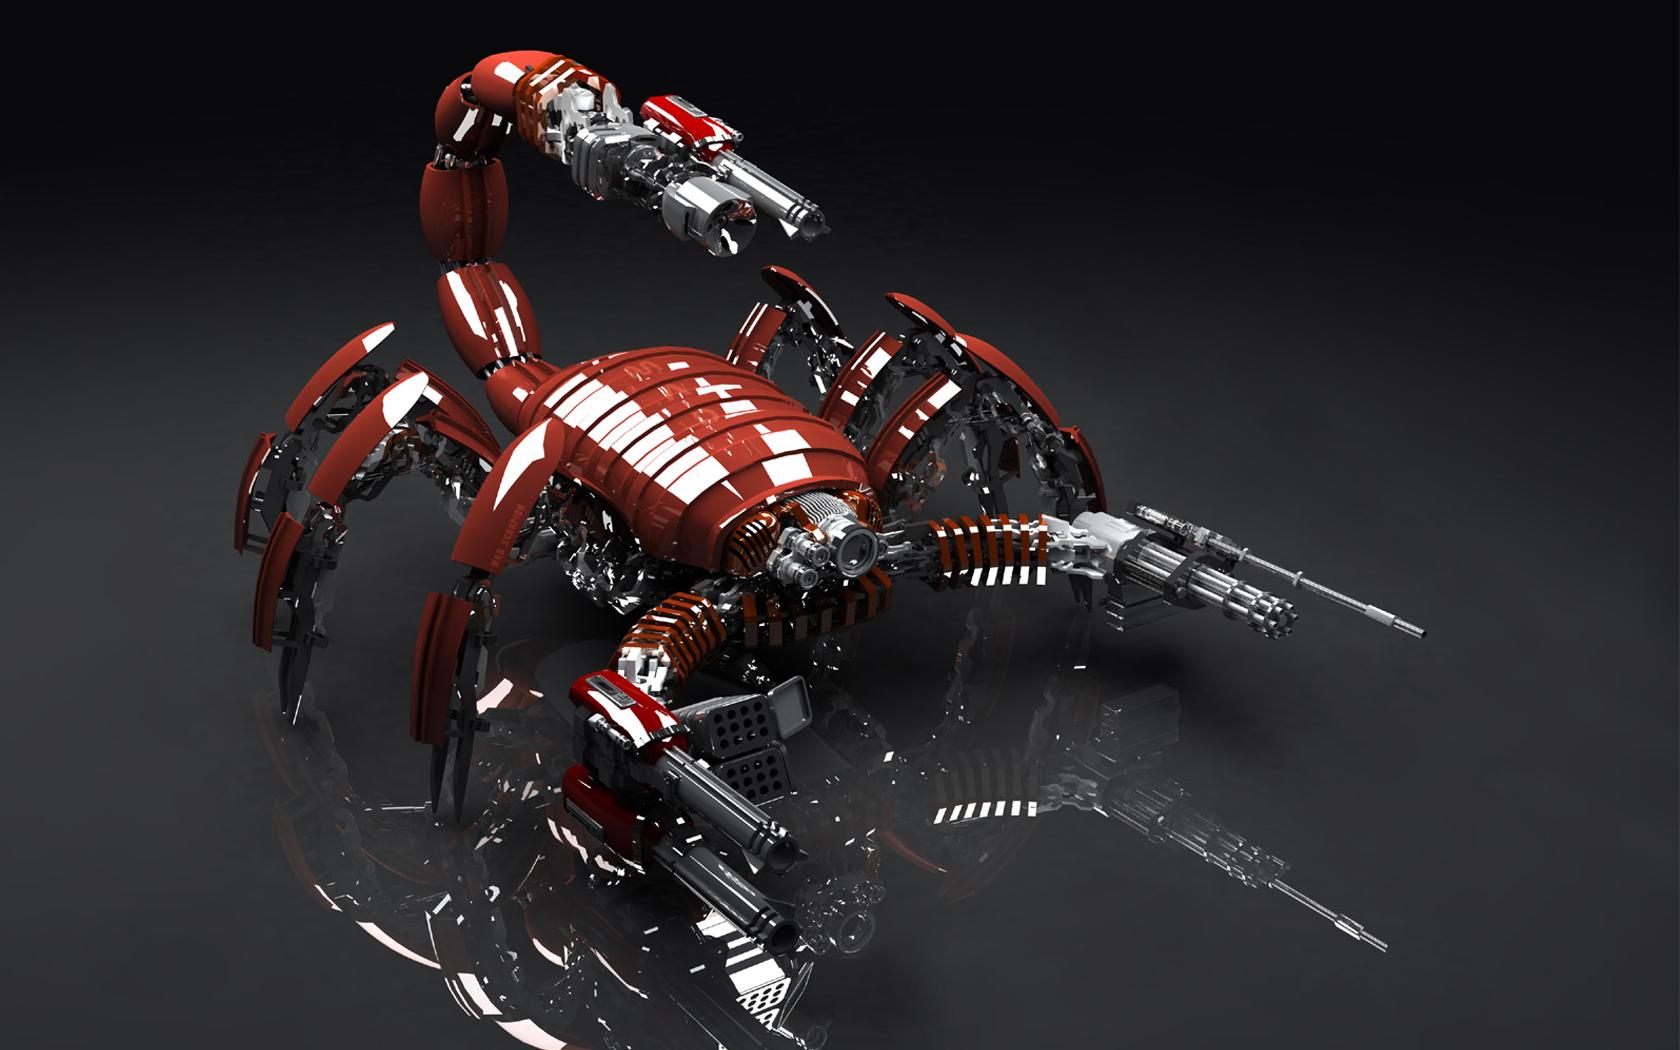 Gun Machine Scorpion 1680x1050